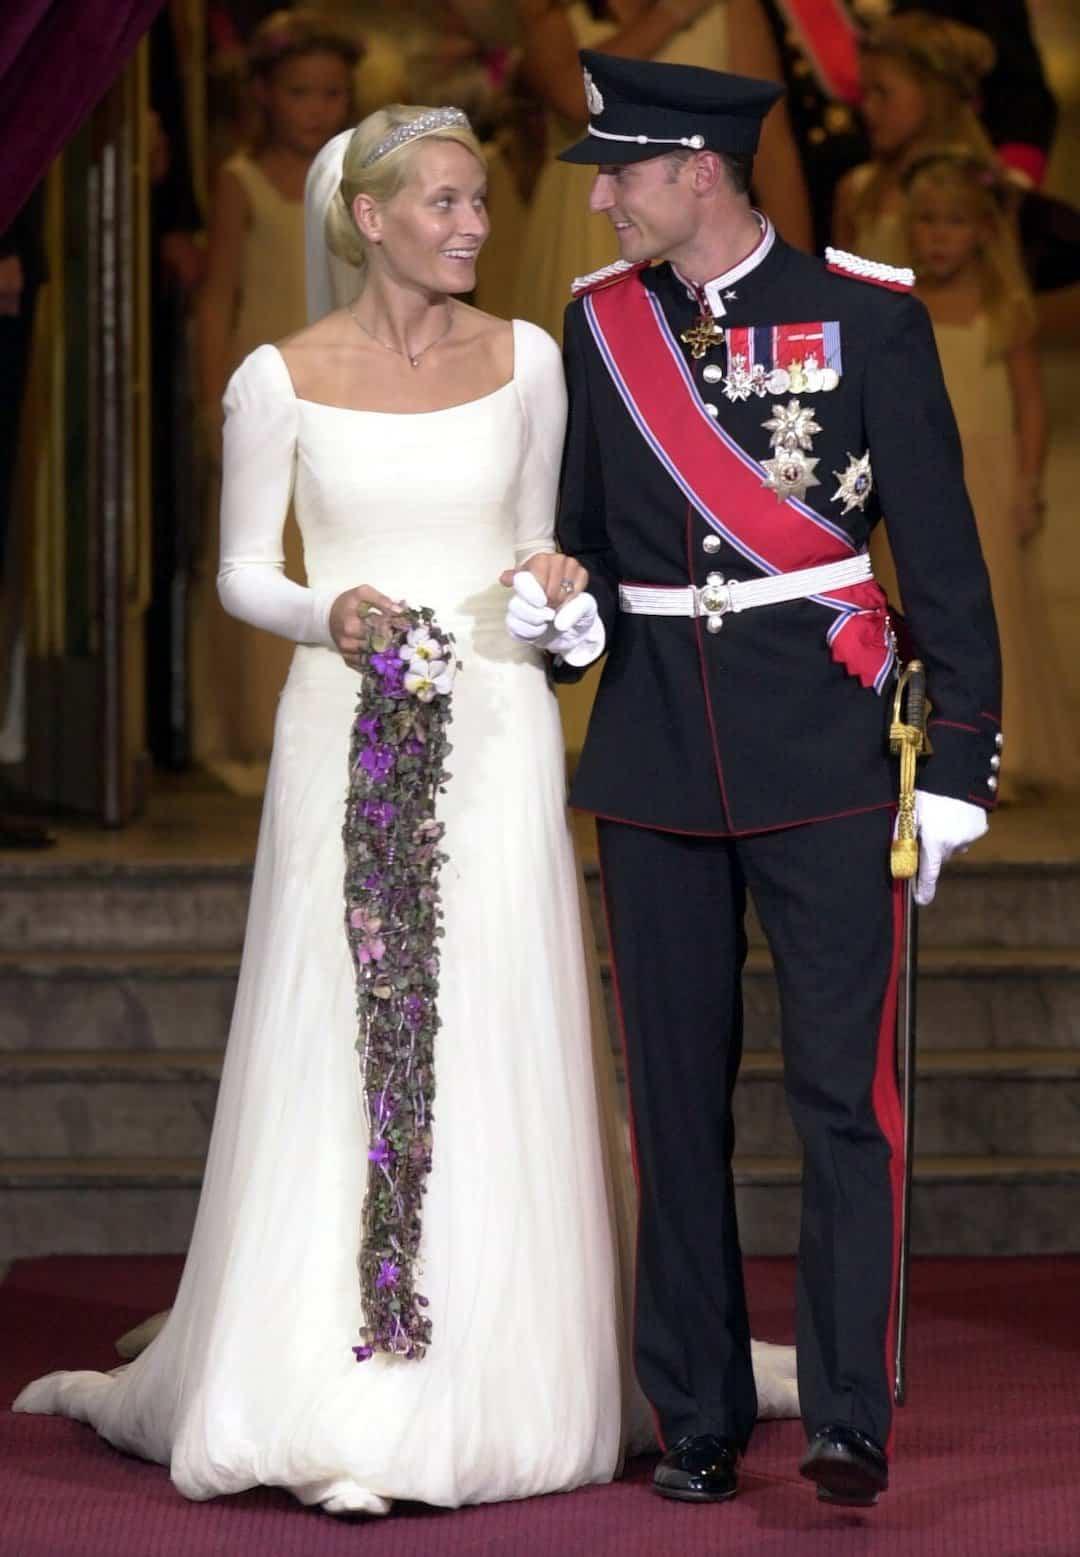 Hochzeit Haakon und Mette-Marit von Norwegen